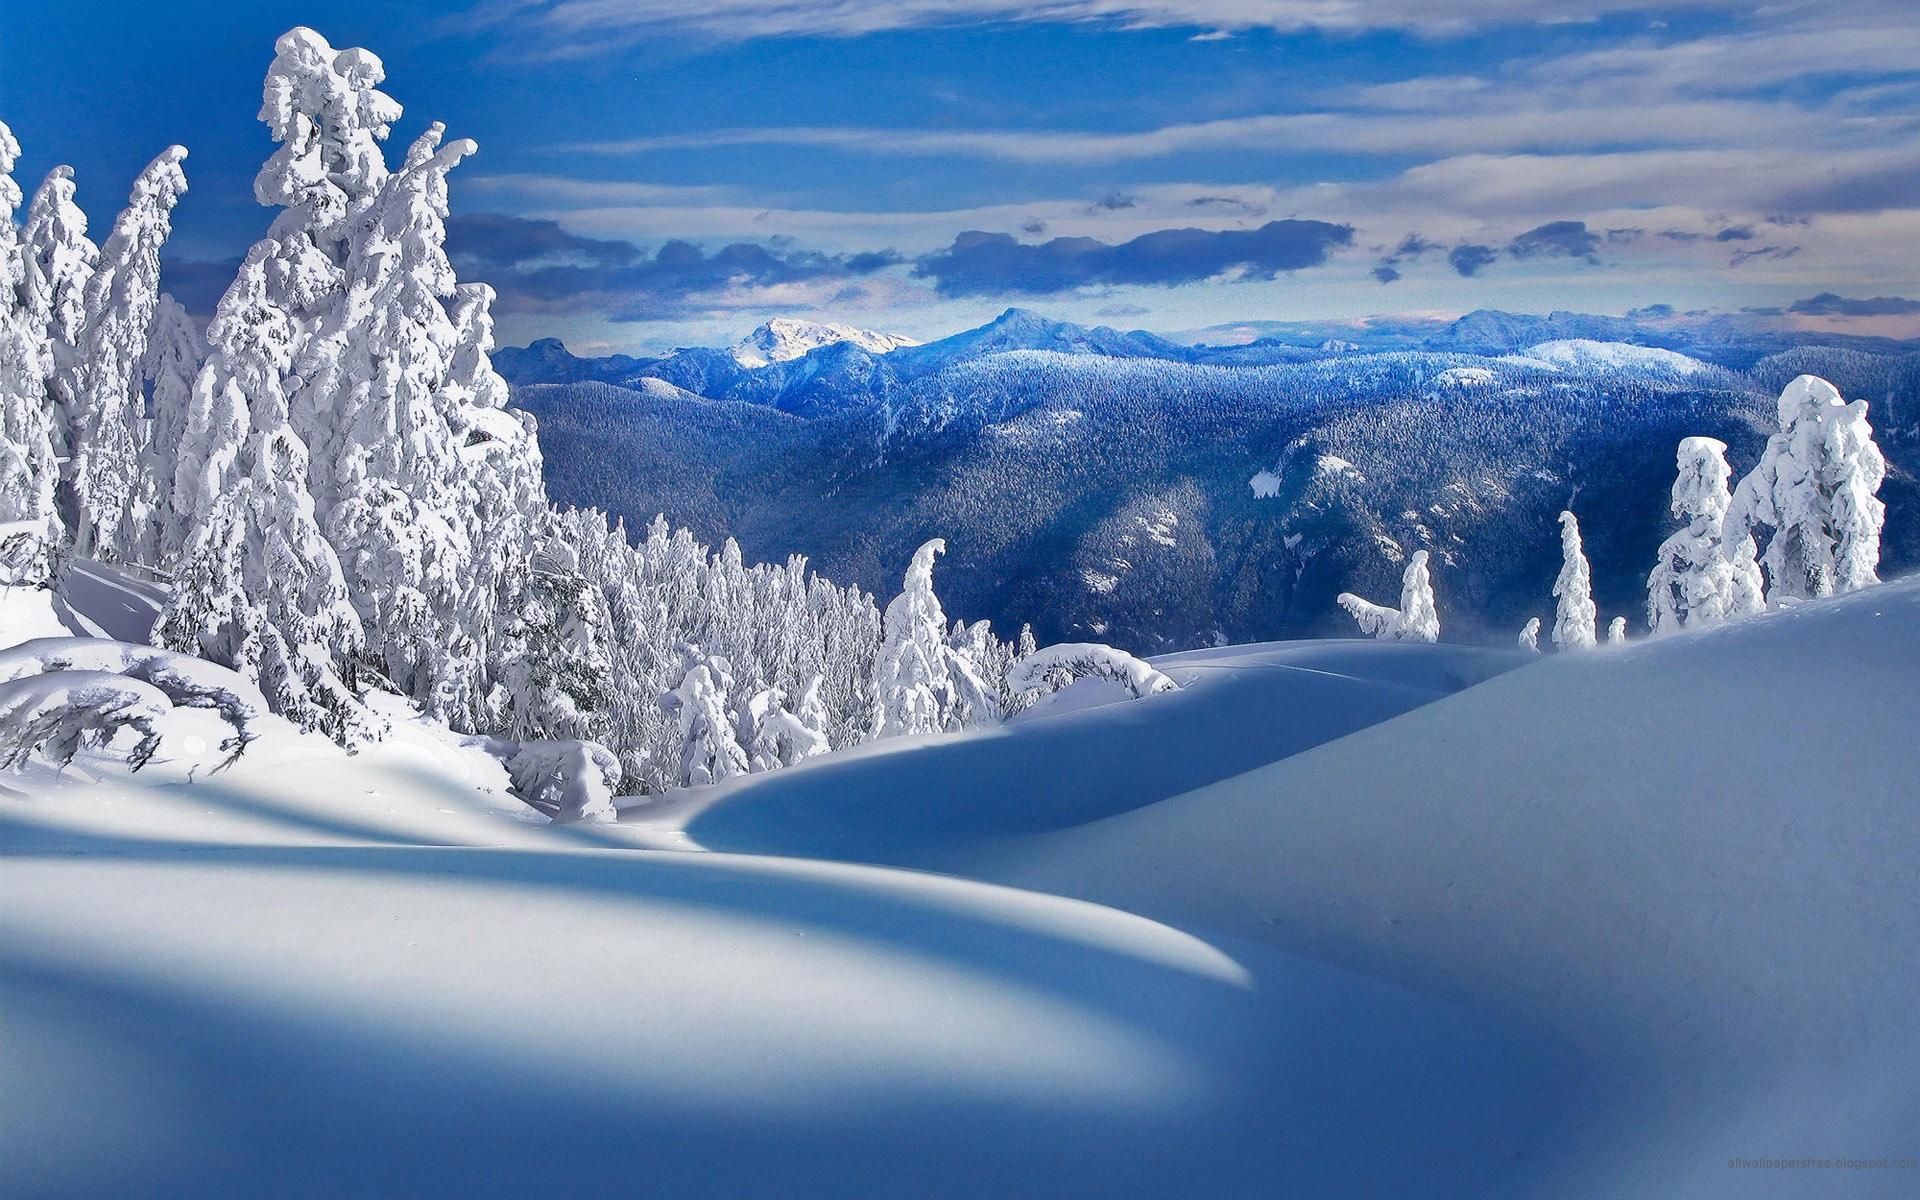 winter-Free-Download-HQ-Winter-Num-x-Kb-wallpaper-wp4210710